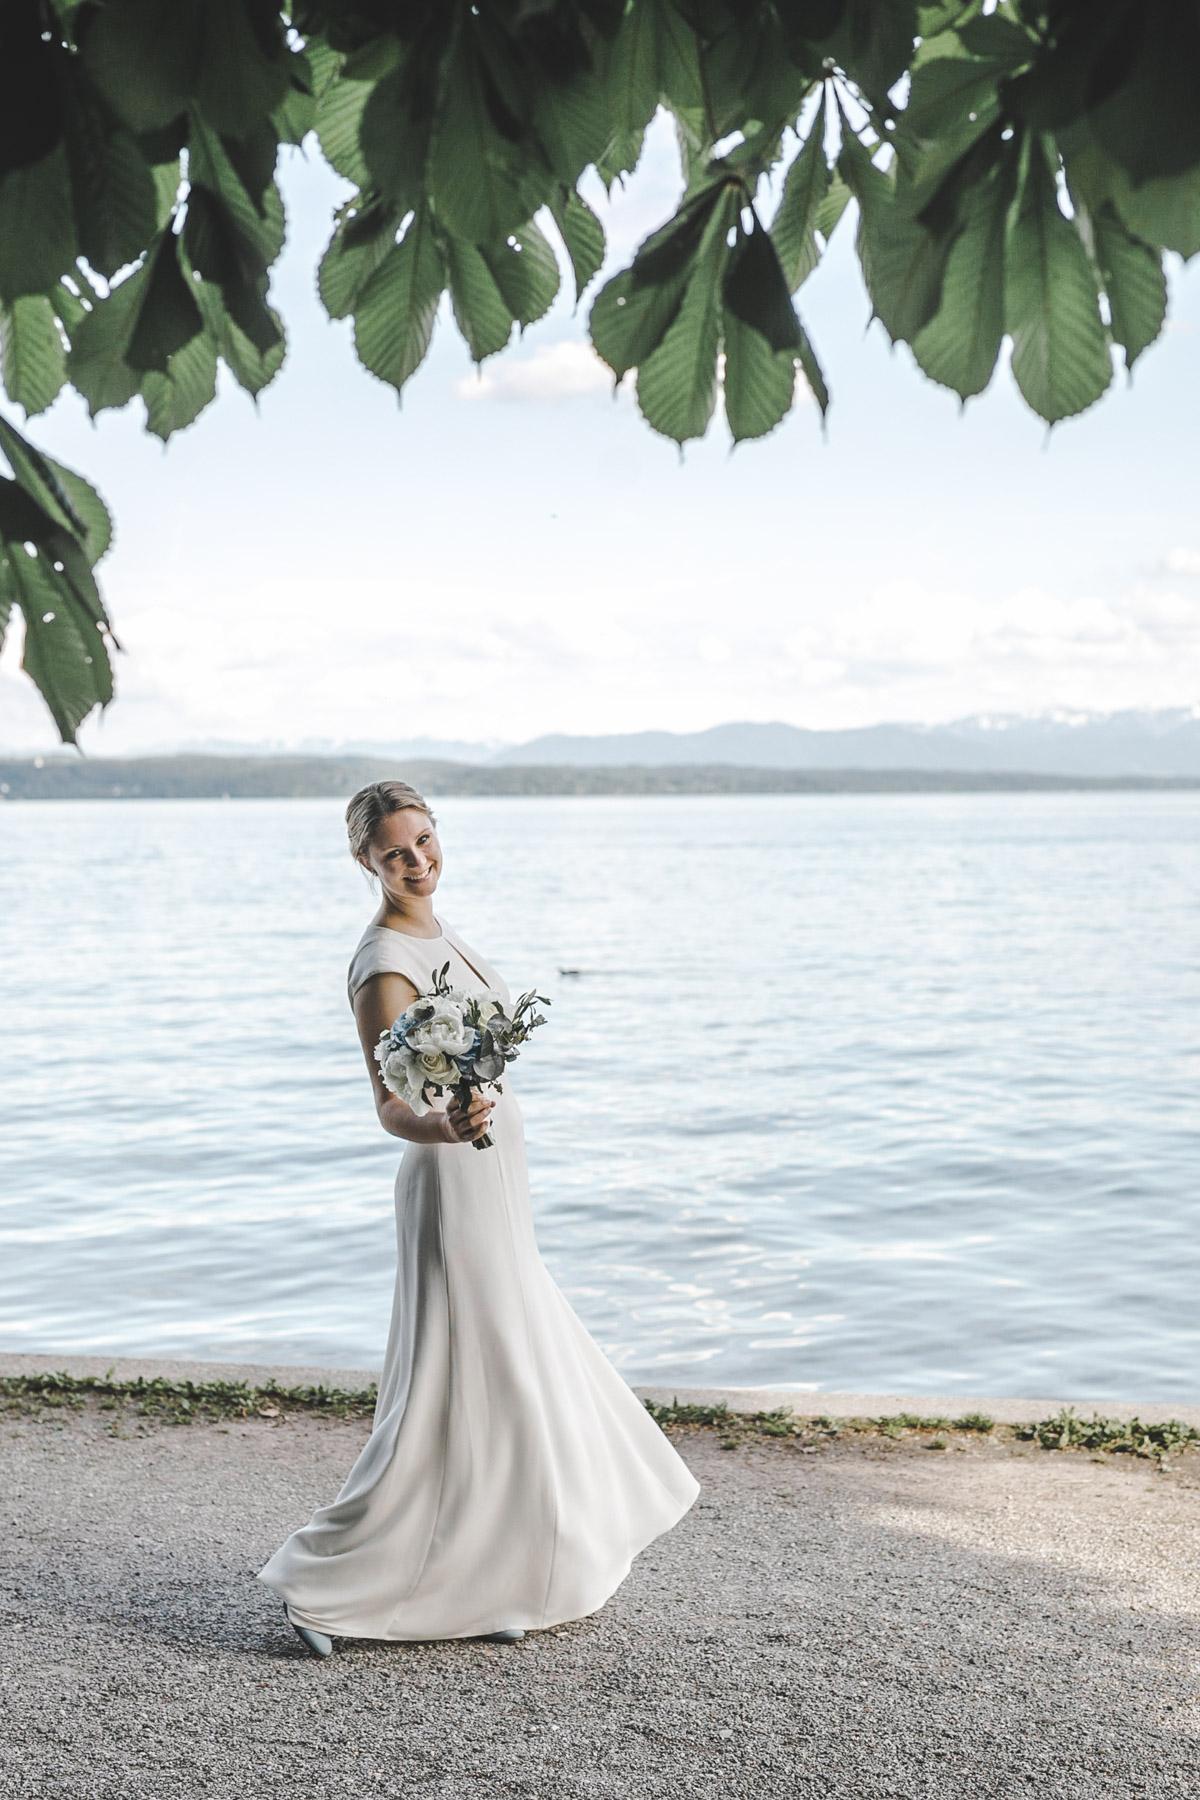 Barbara und Thorsten | Hochzeit am Starnenberger See - Fotografin Guelten Hamidanoglu Fotografie Koeln BT 19 741